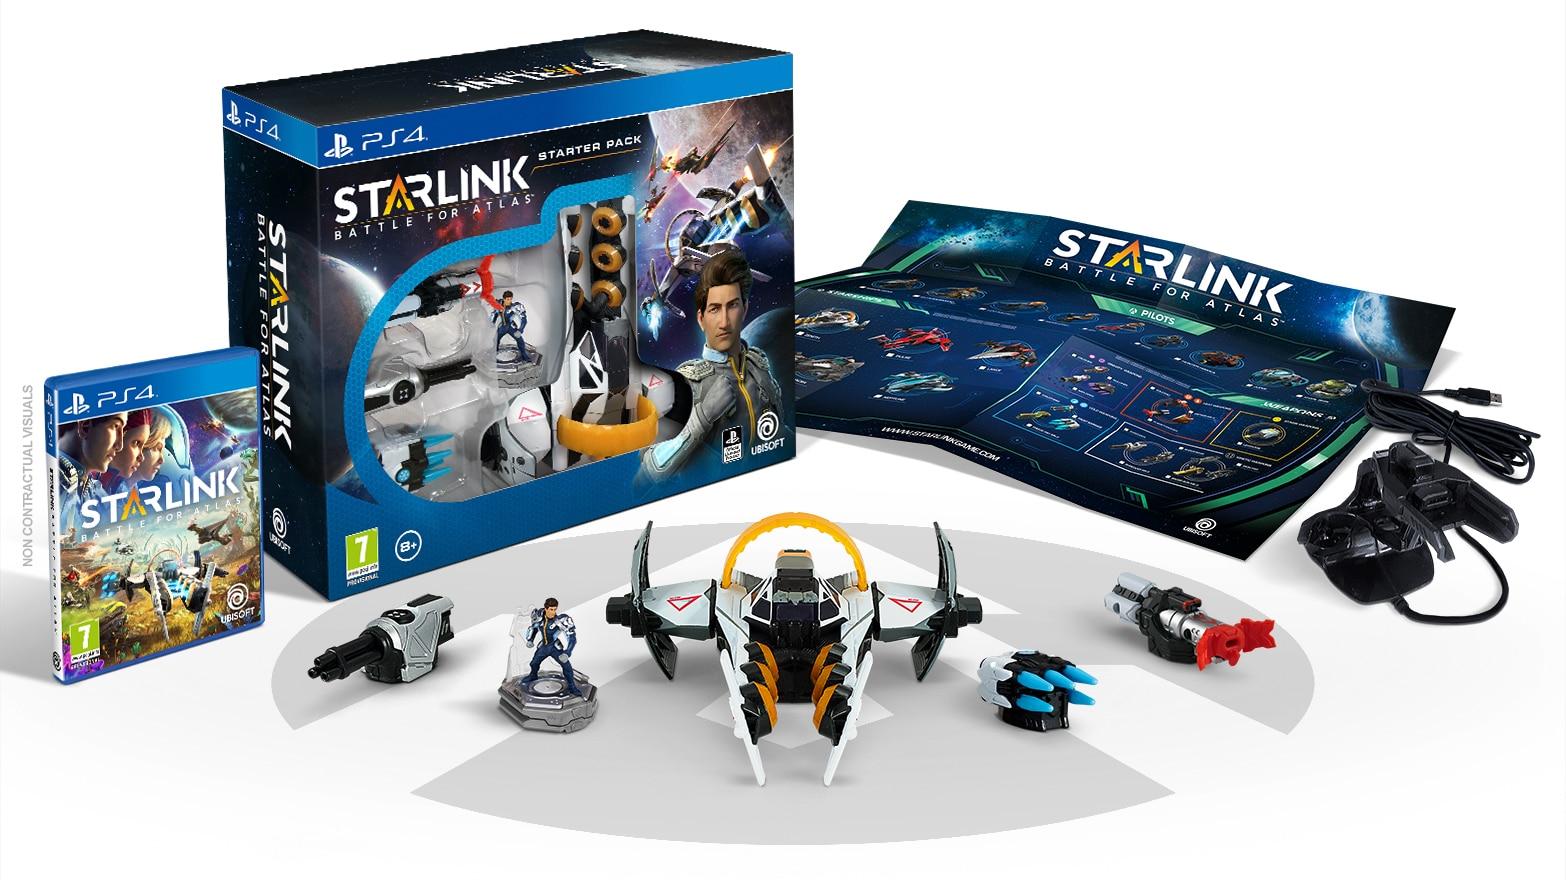 Starlink E3 2018 (8)